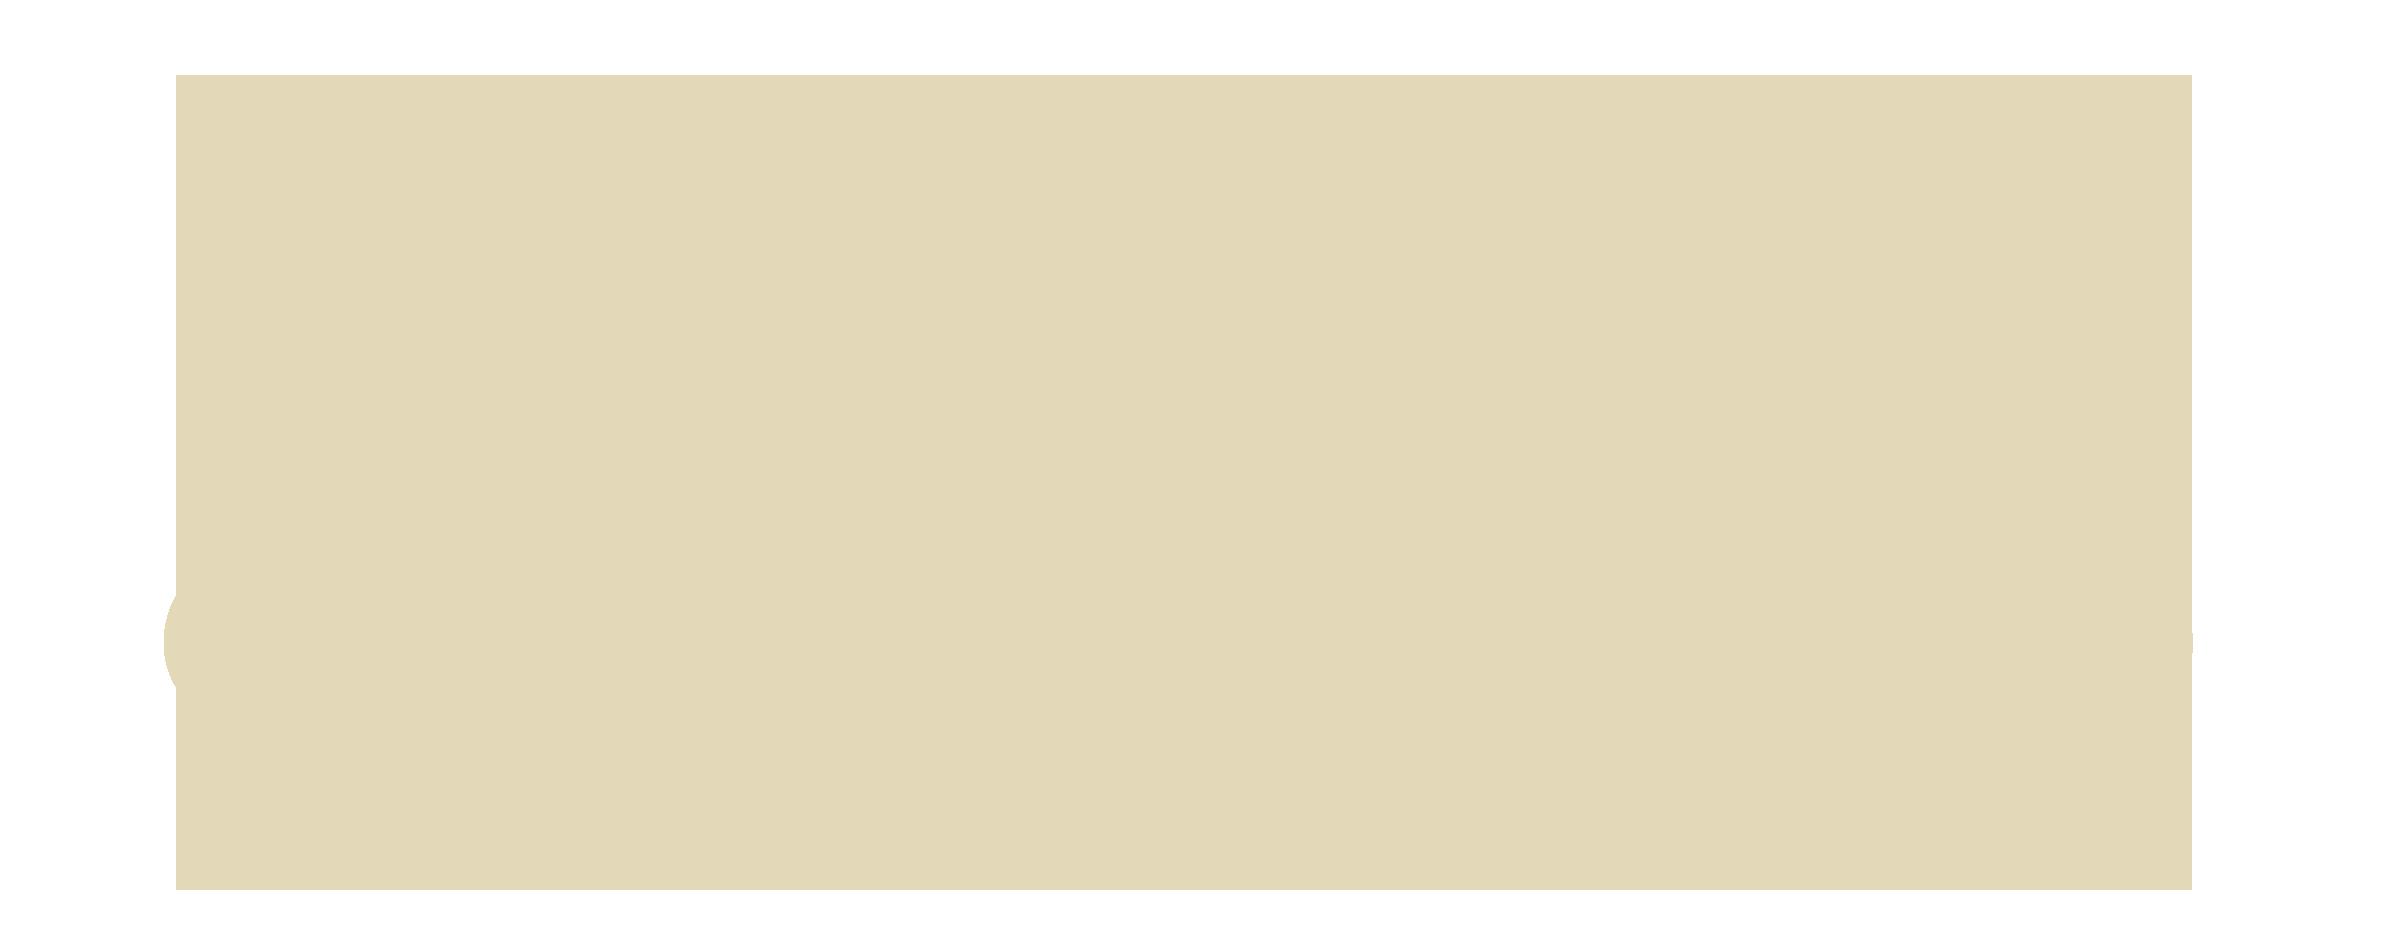 Carol McNiven Young